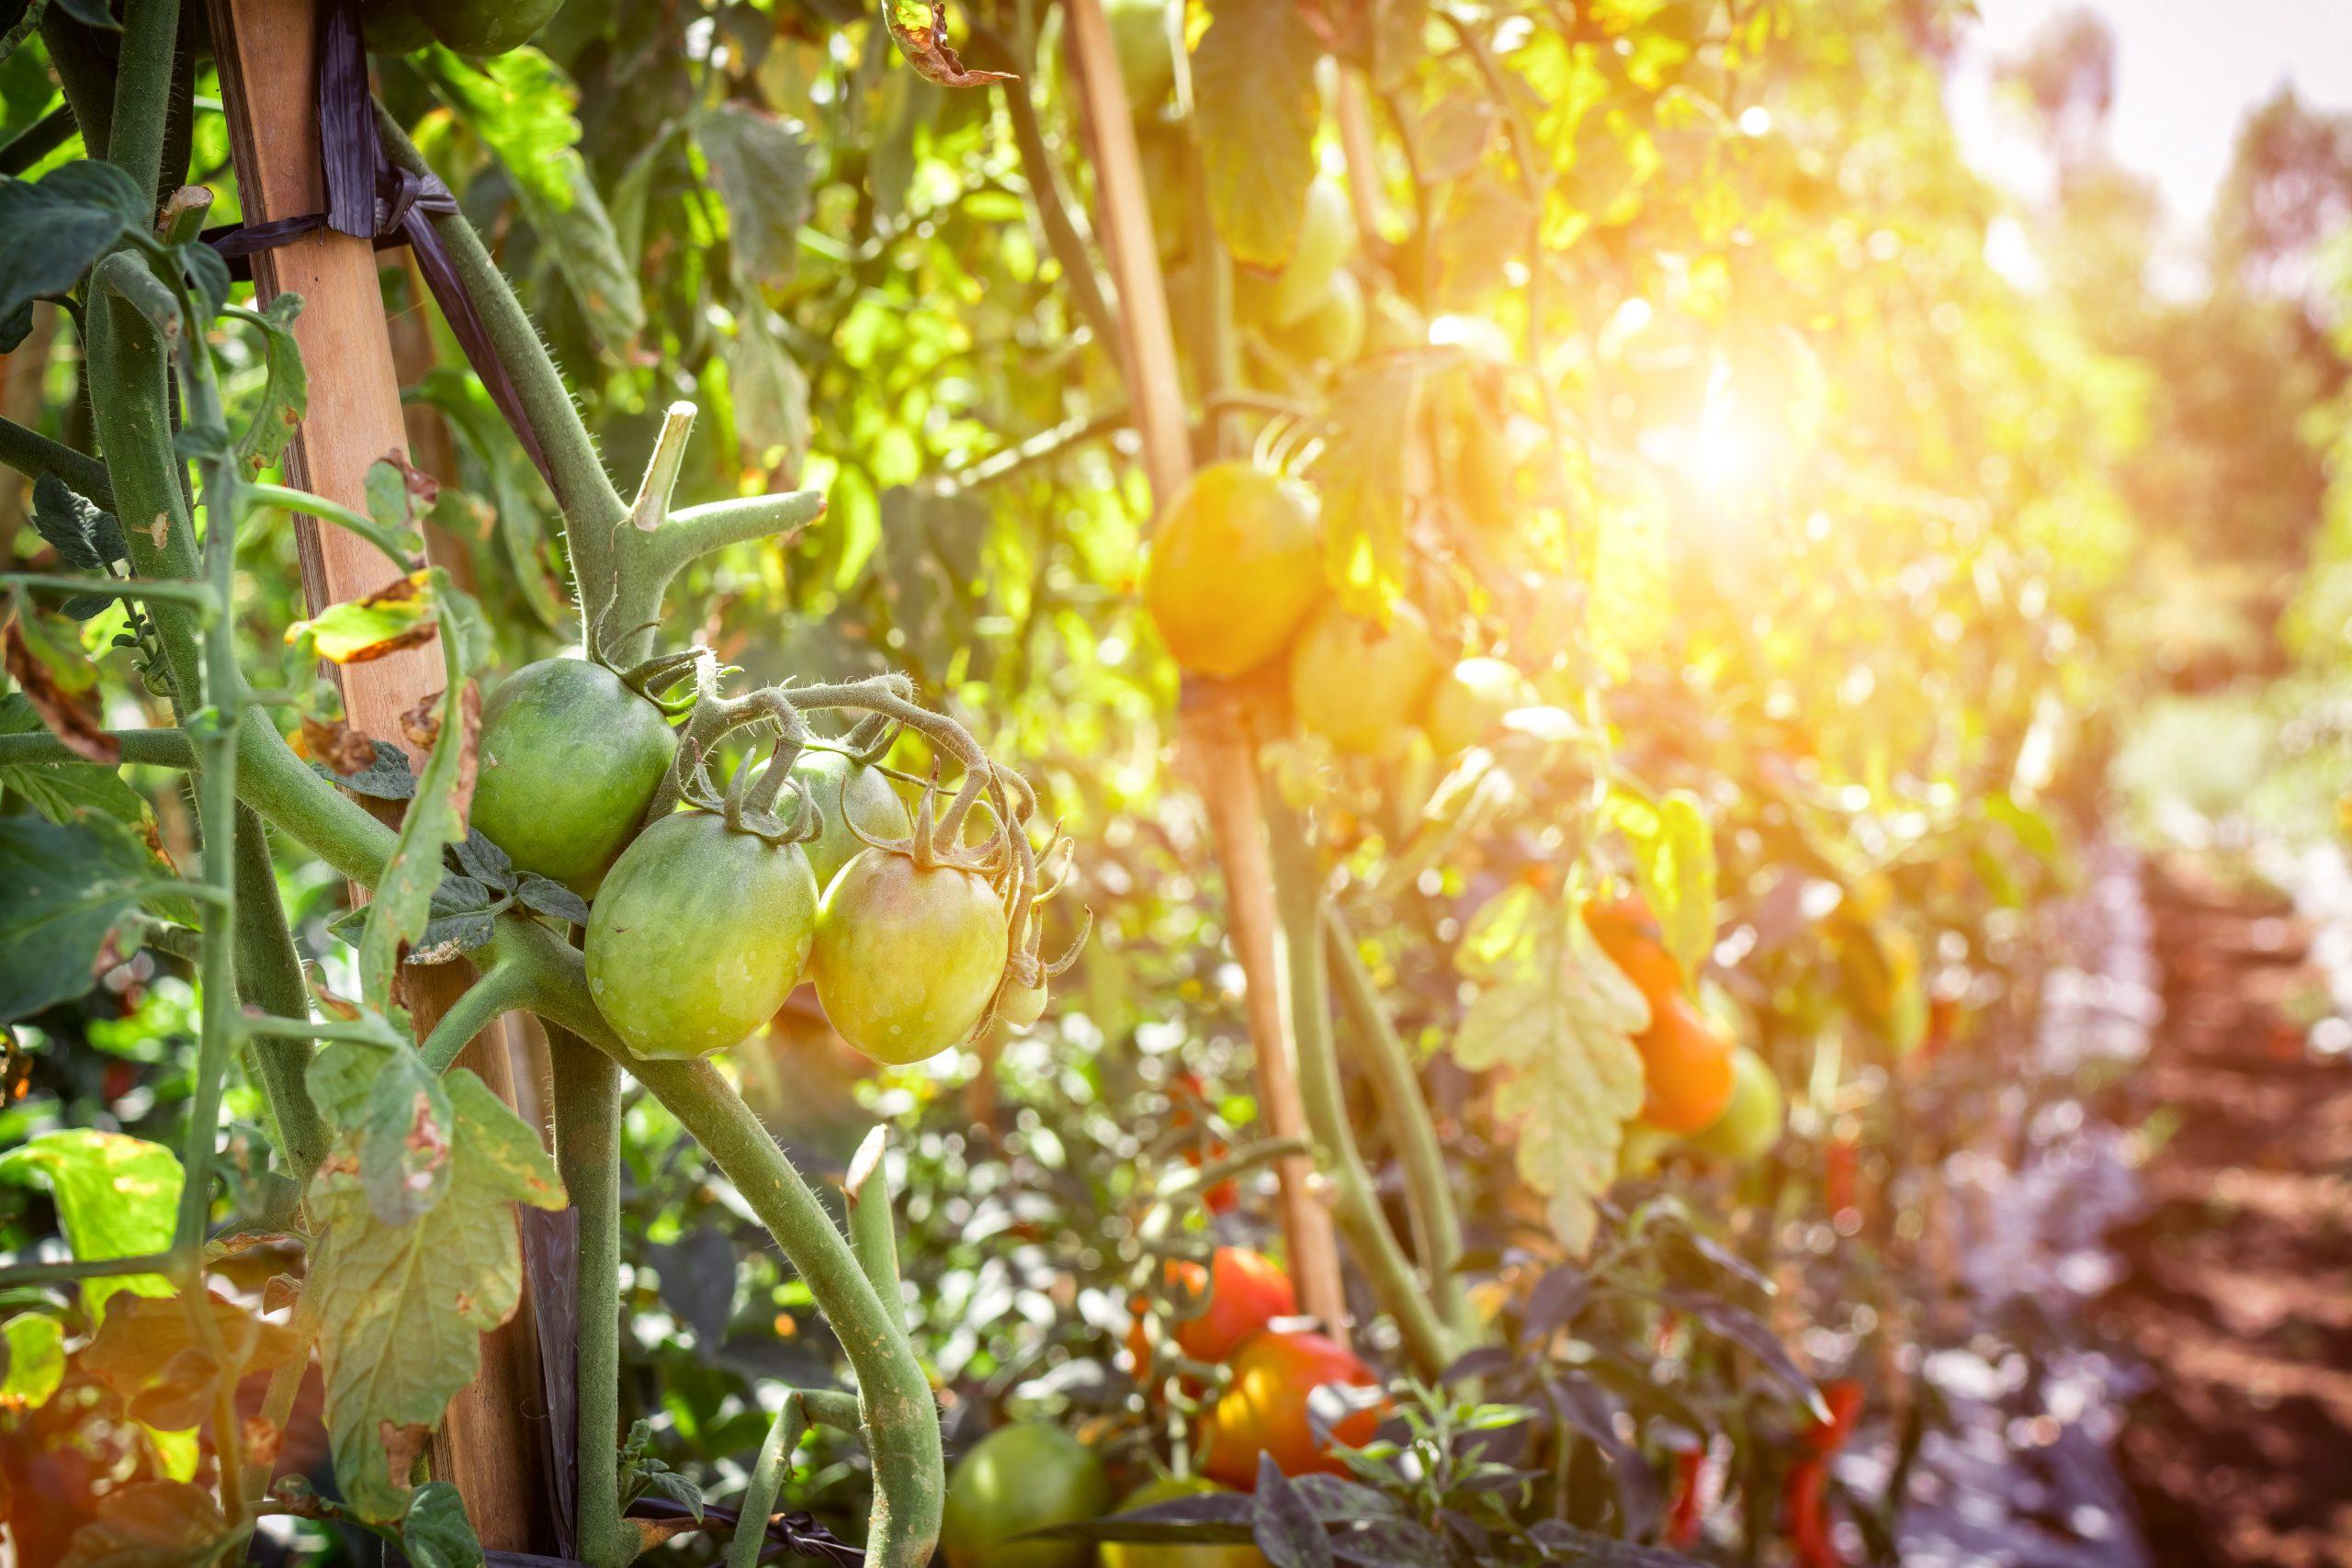 Pomodori sulla pianta nei campi